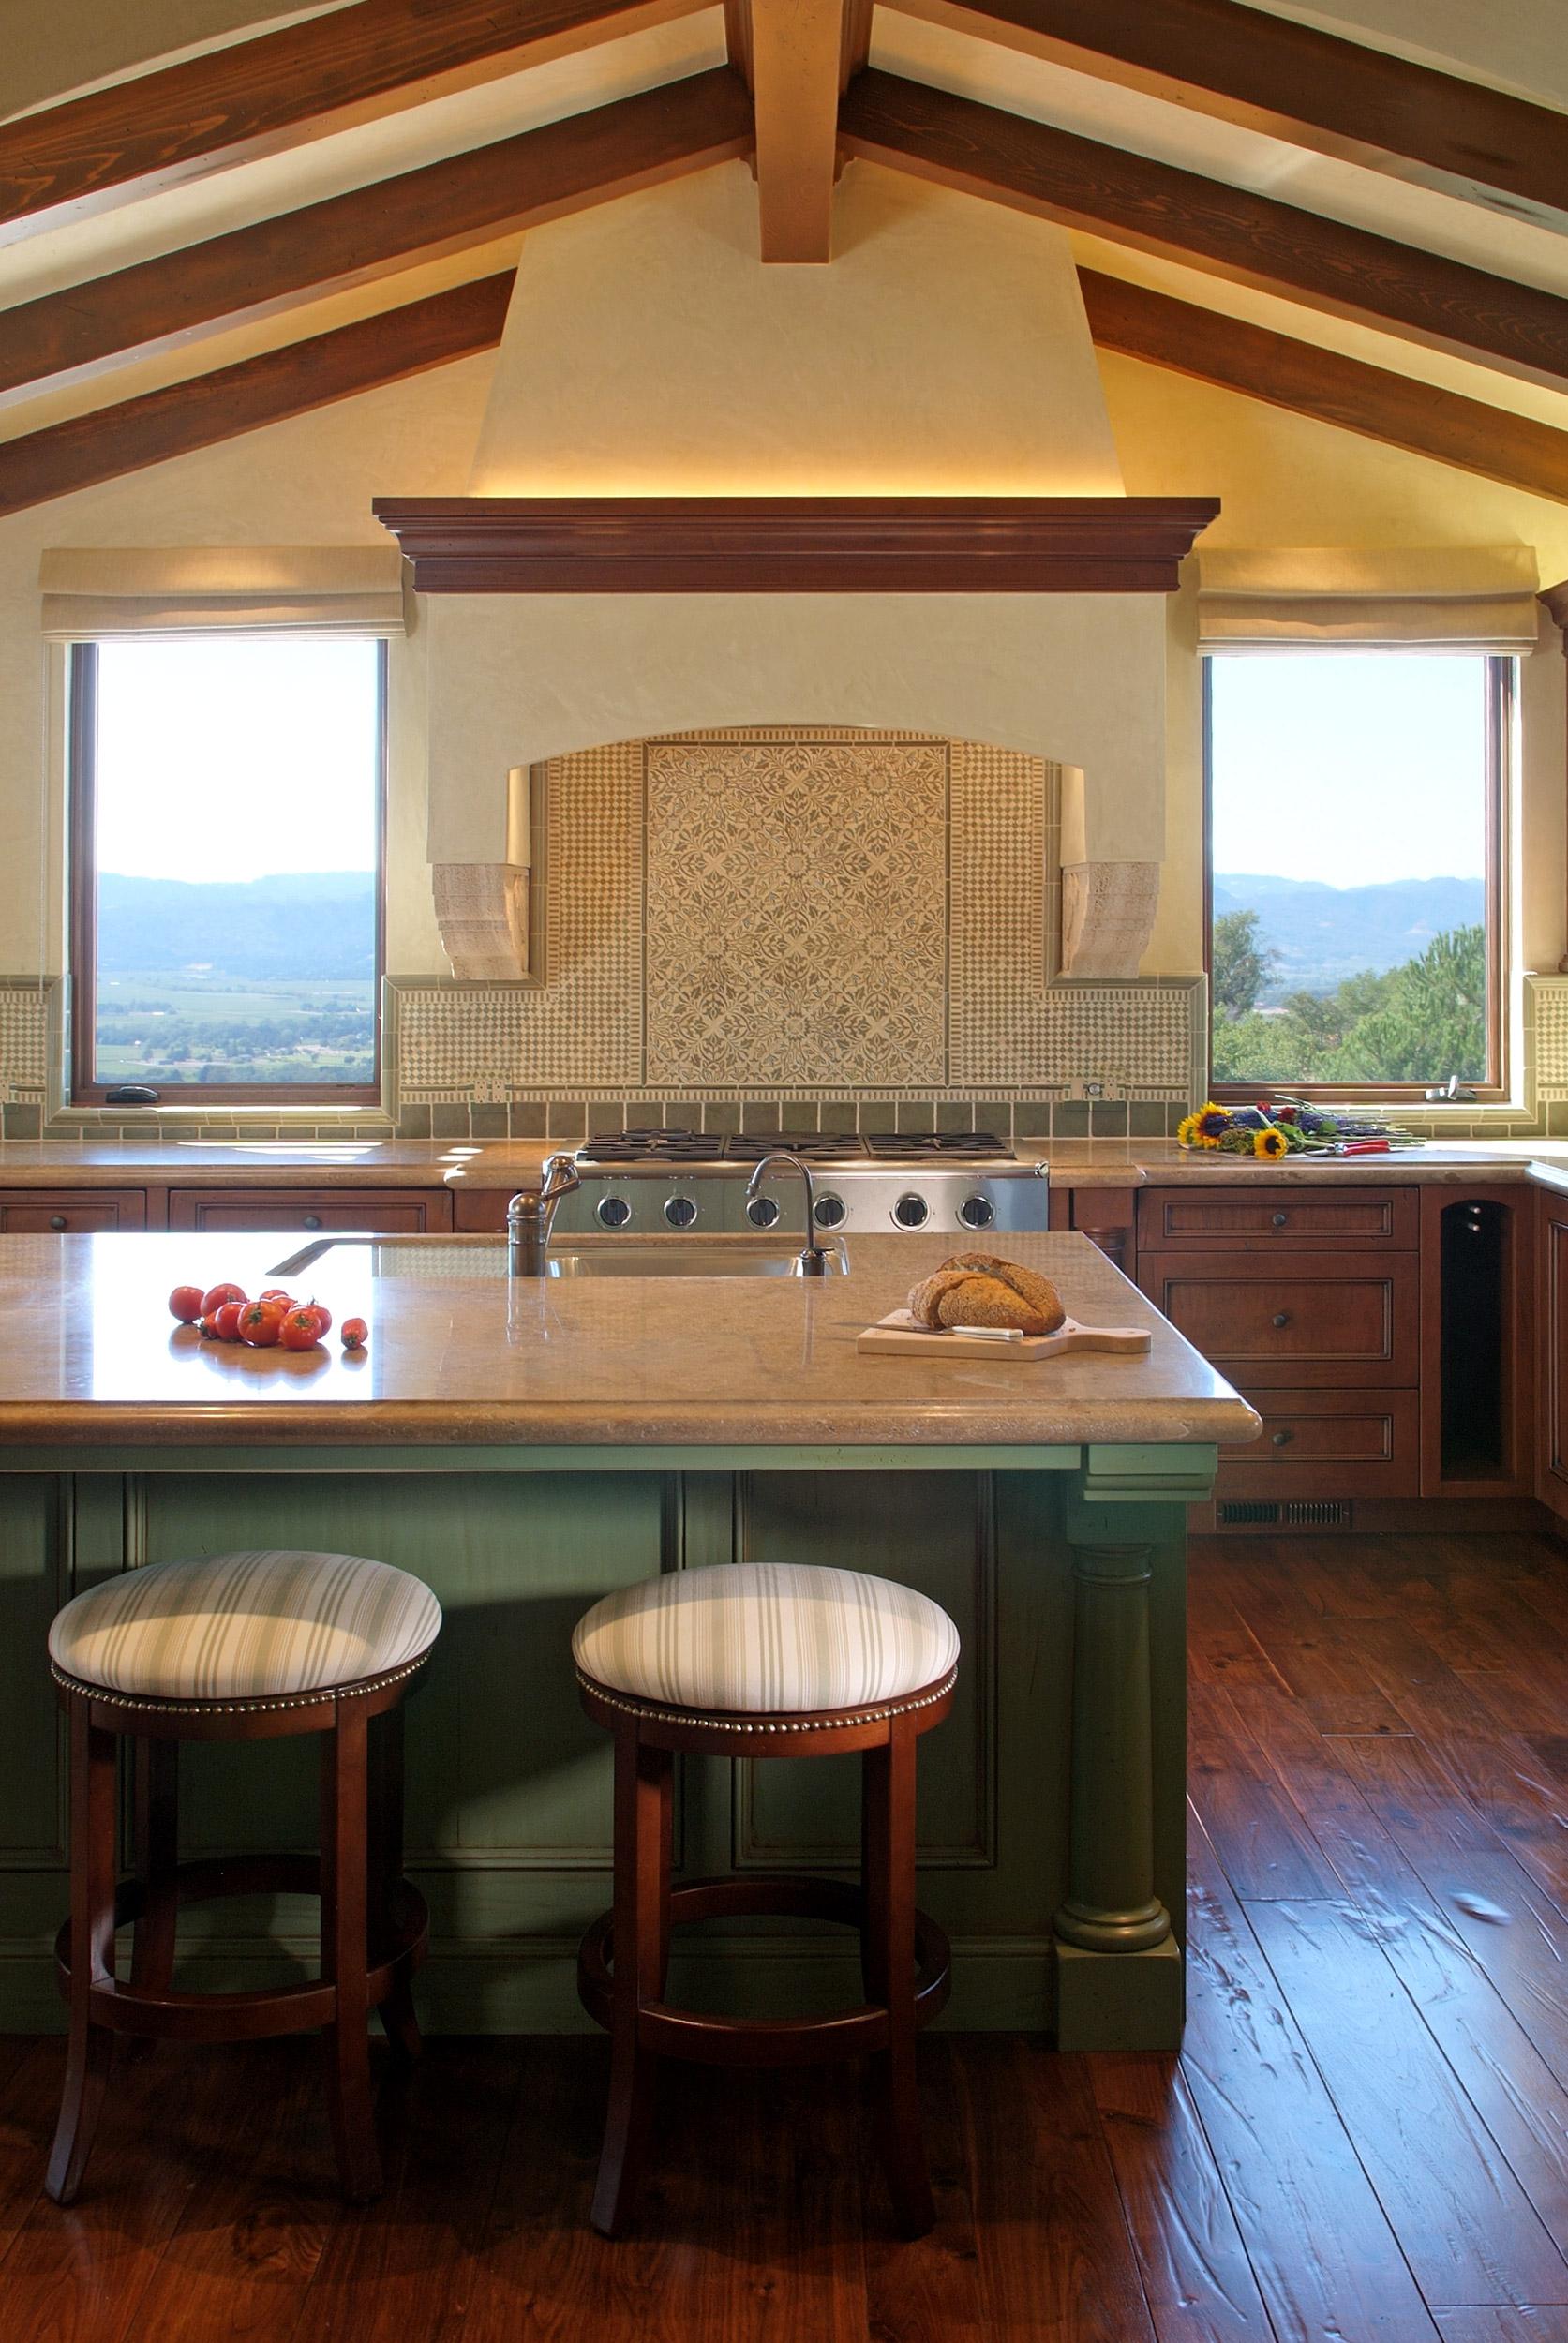 Napa_Valley_Italian_Villa_kitchen_02.jpg